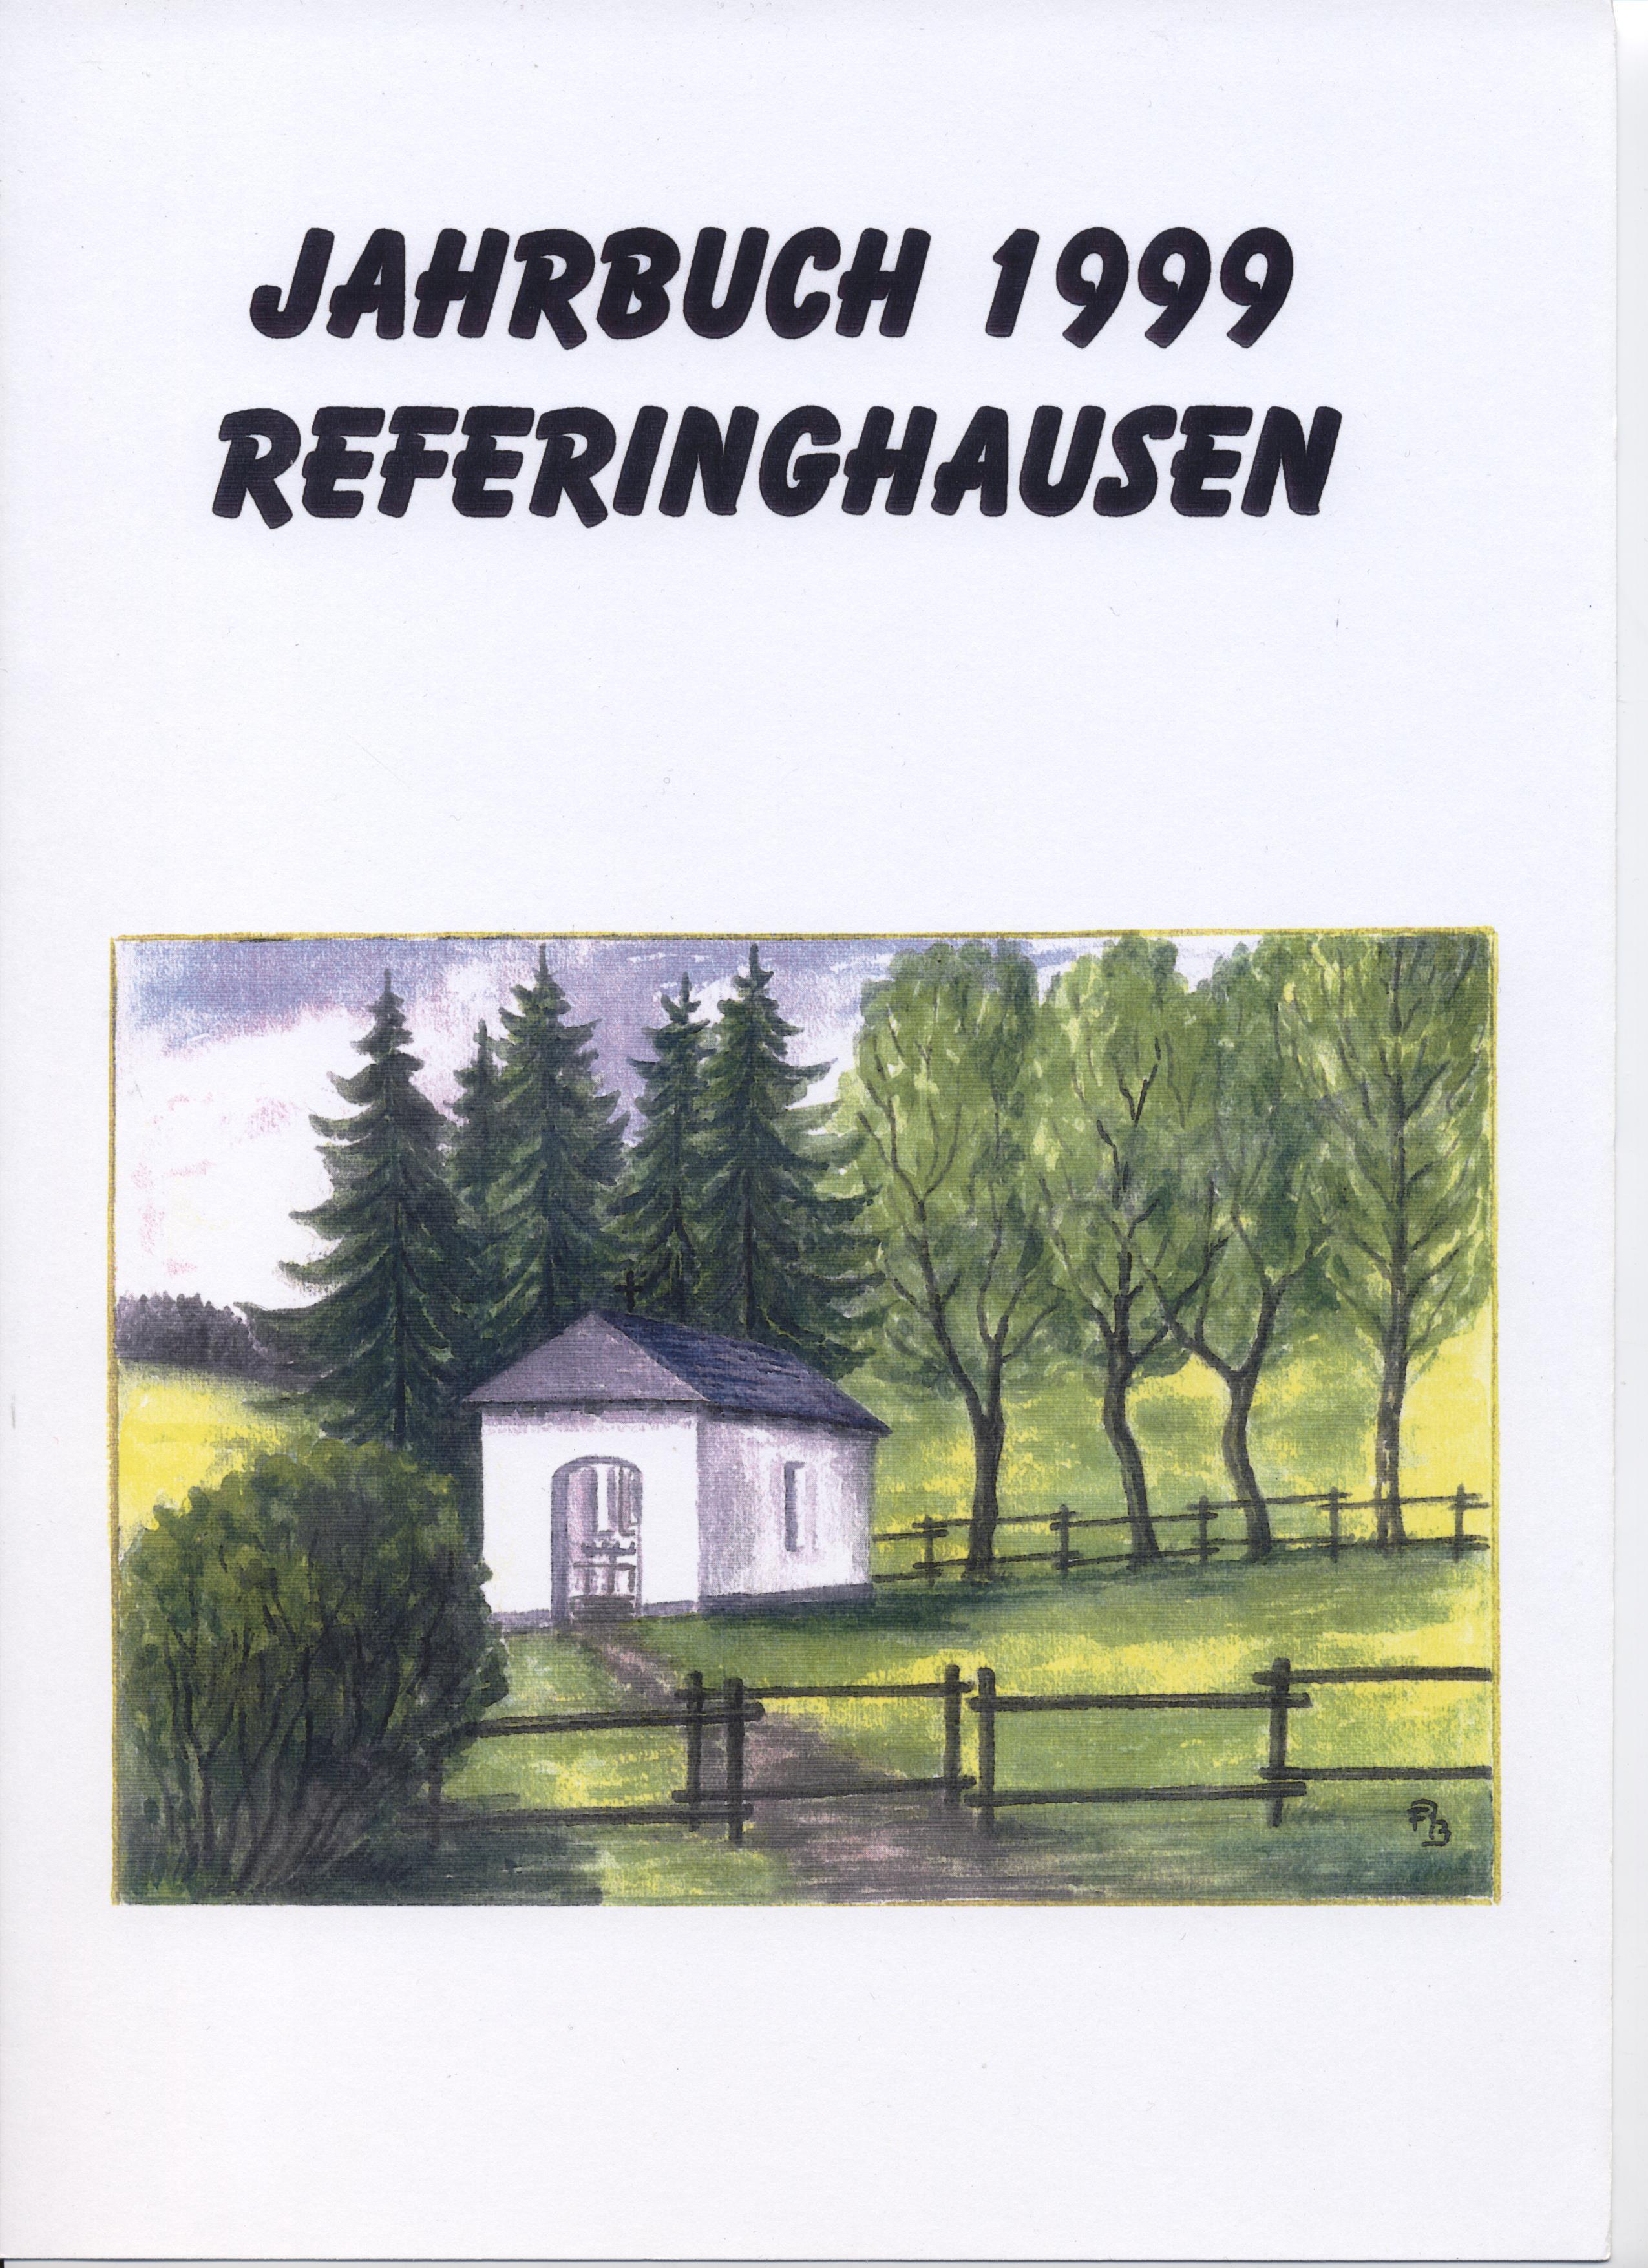 Jahrbuch von 1999